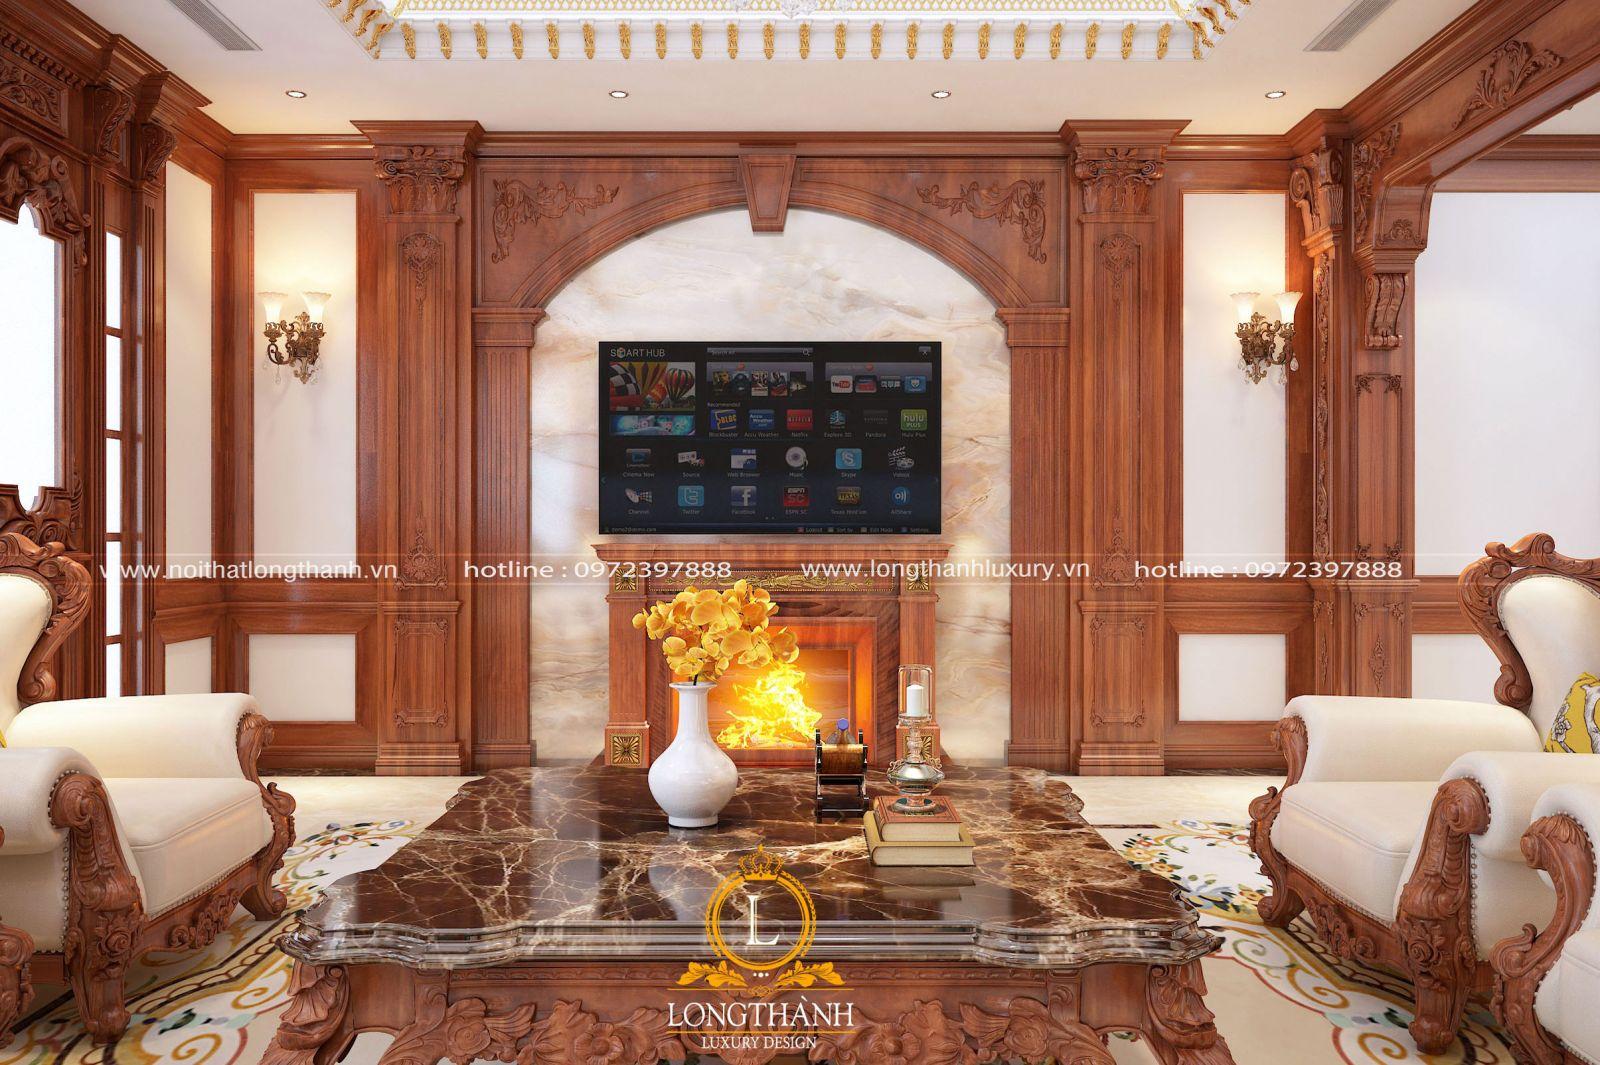 Căn phòng khách tân cổ điển đẹp với những chi tiết hoa văn cầu kỳ mà tinh tế